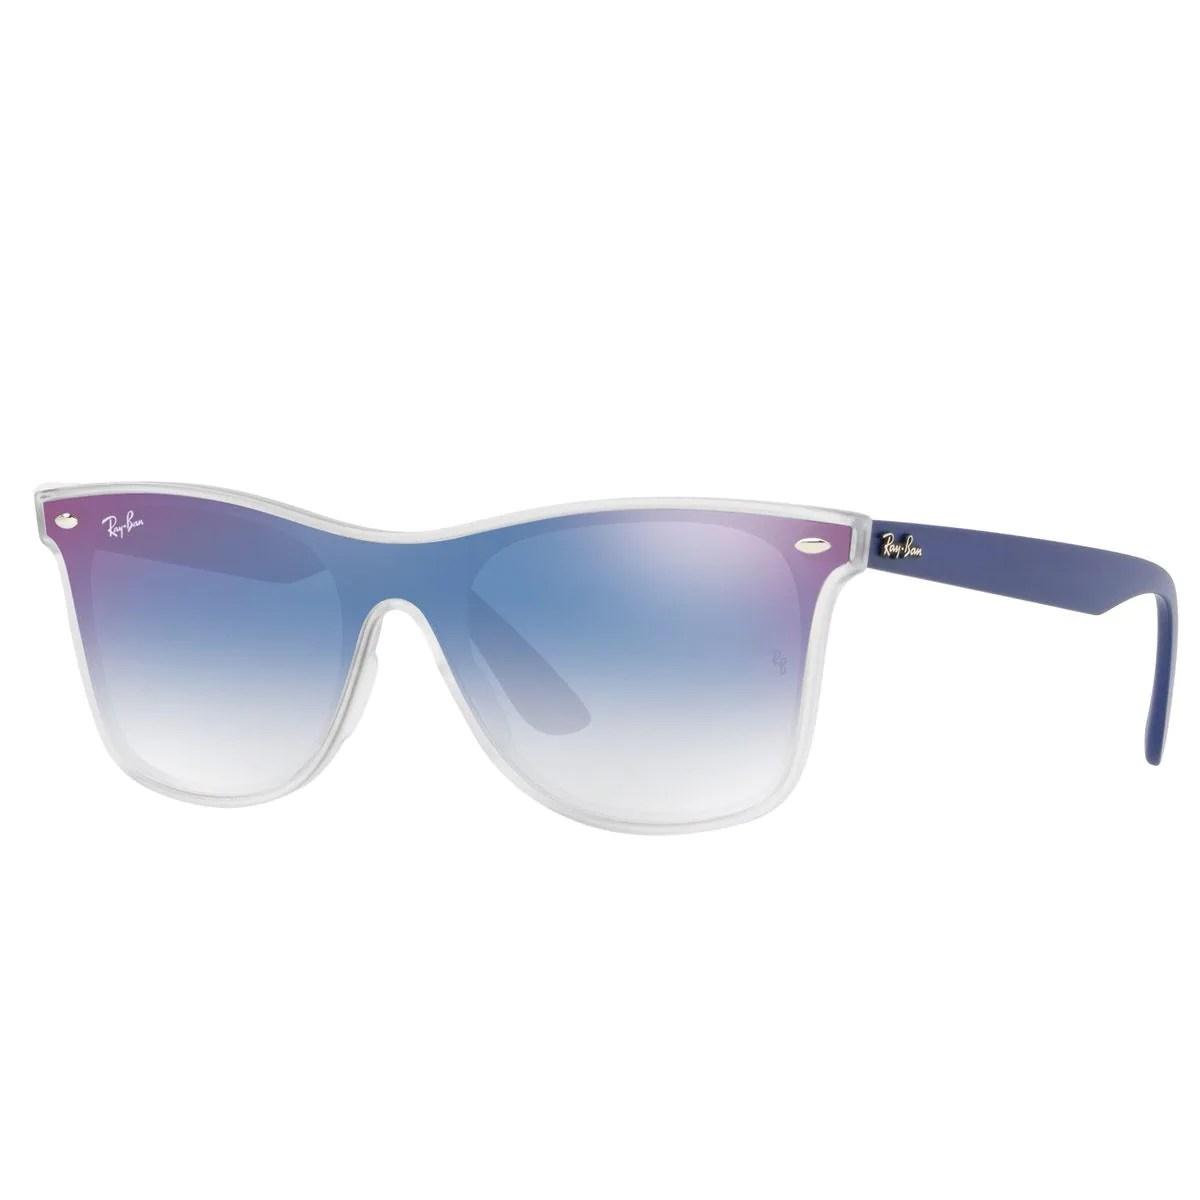 ray ban transparente azul espejeado armazon inyectado transparente az